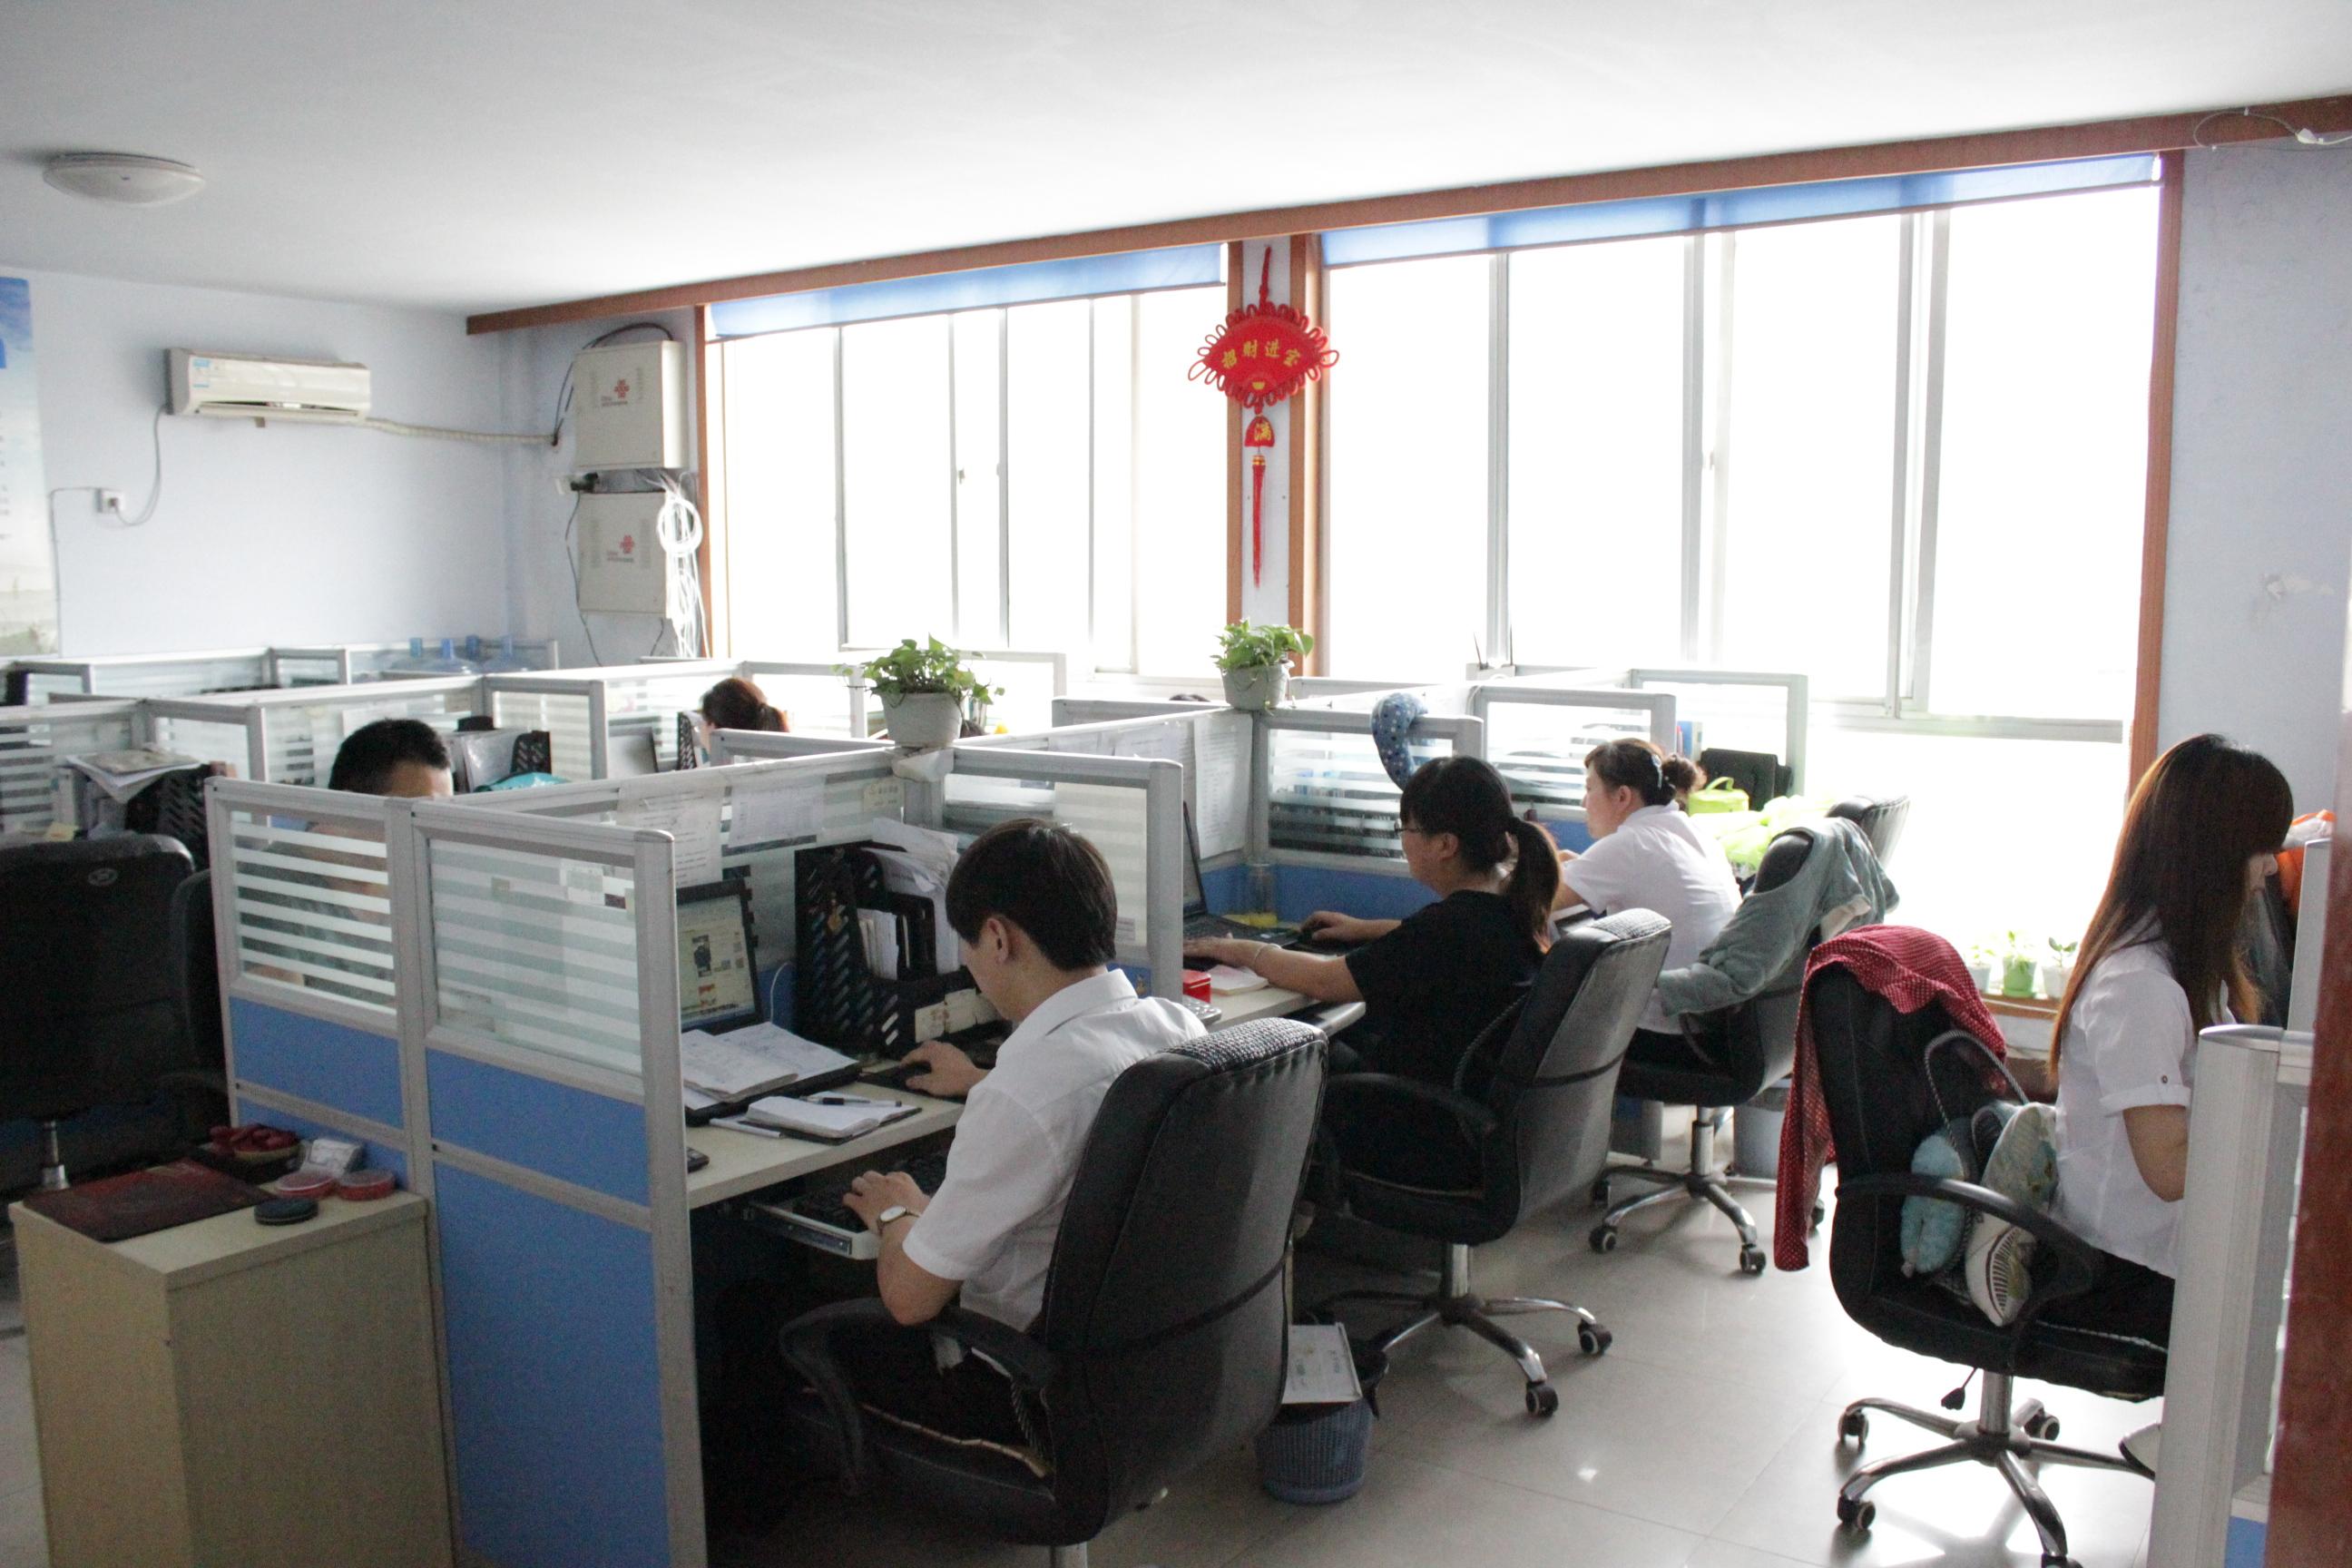 商铺首页 产品展示 > 深圳市深圳网站设计|深圳网站设计供应商